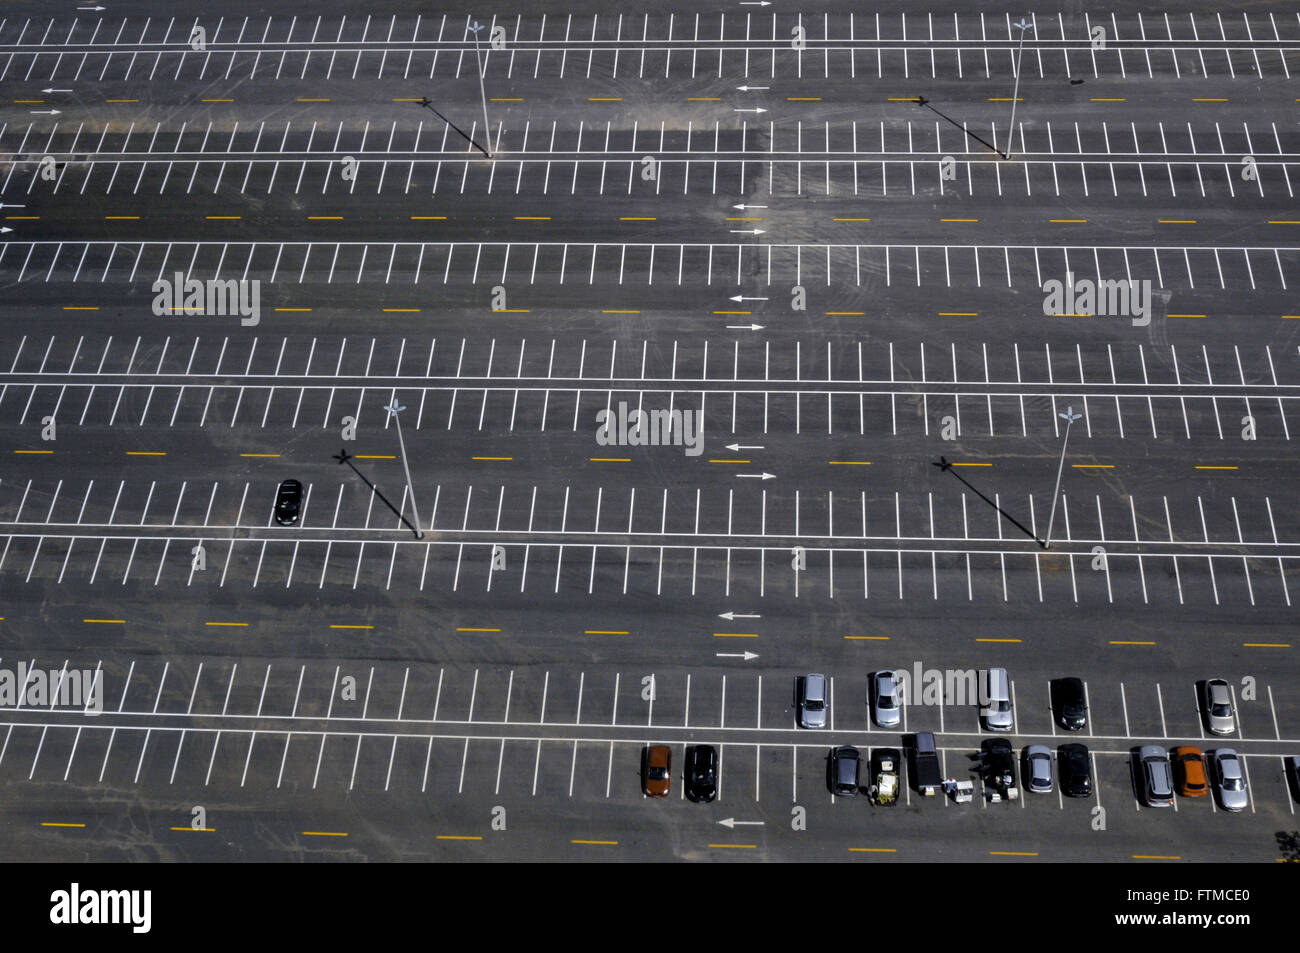 Parking Tower Digital TV also called Flor do Cerrado - Stock Image